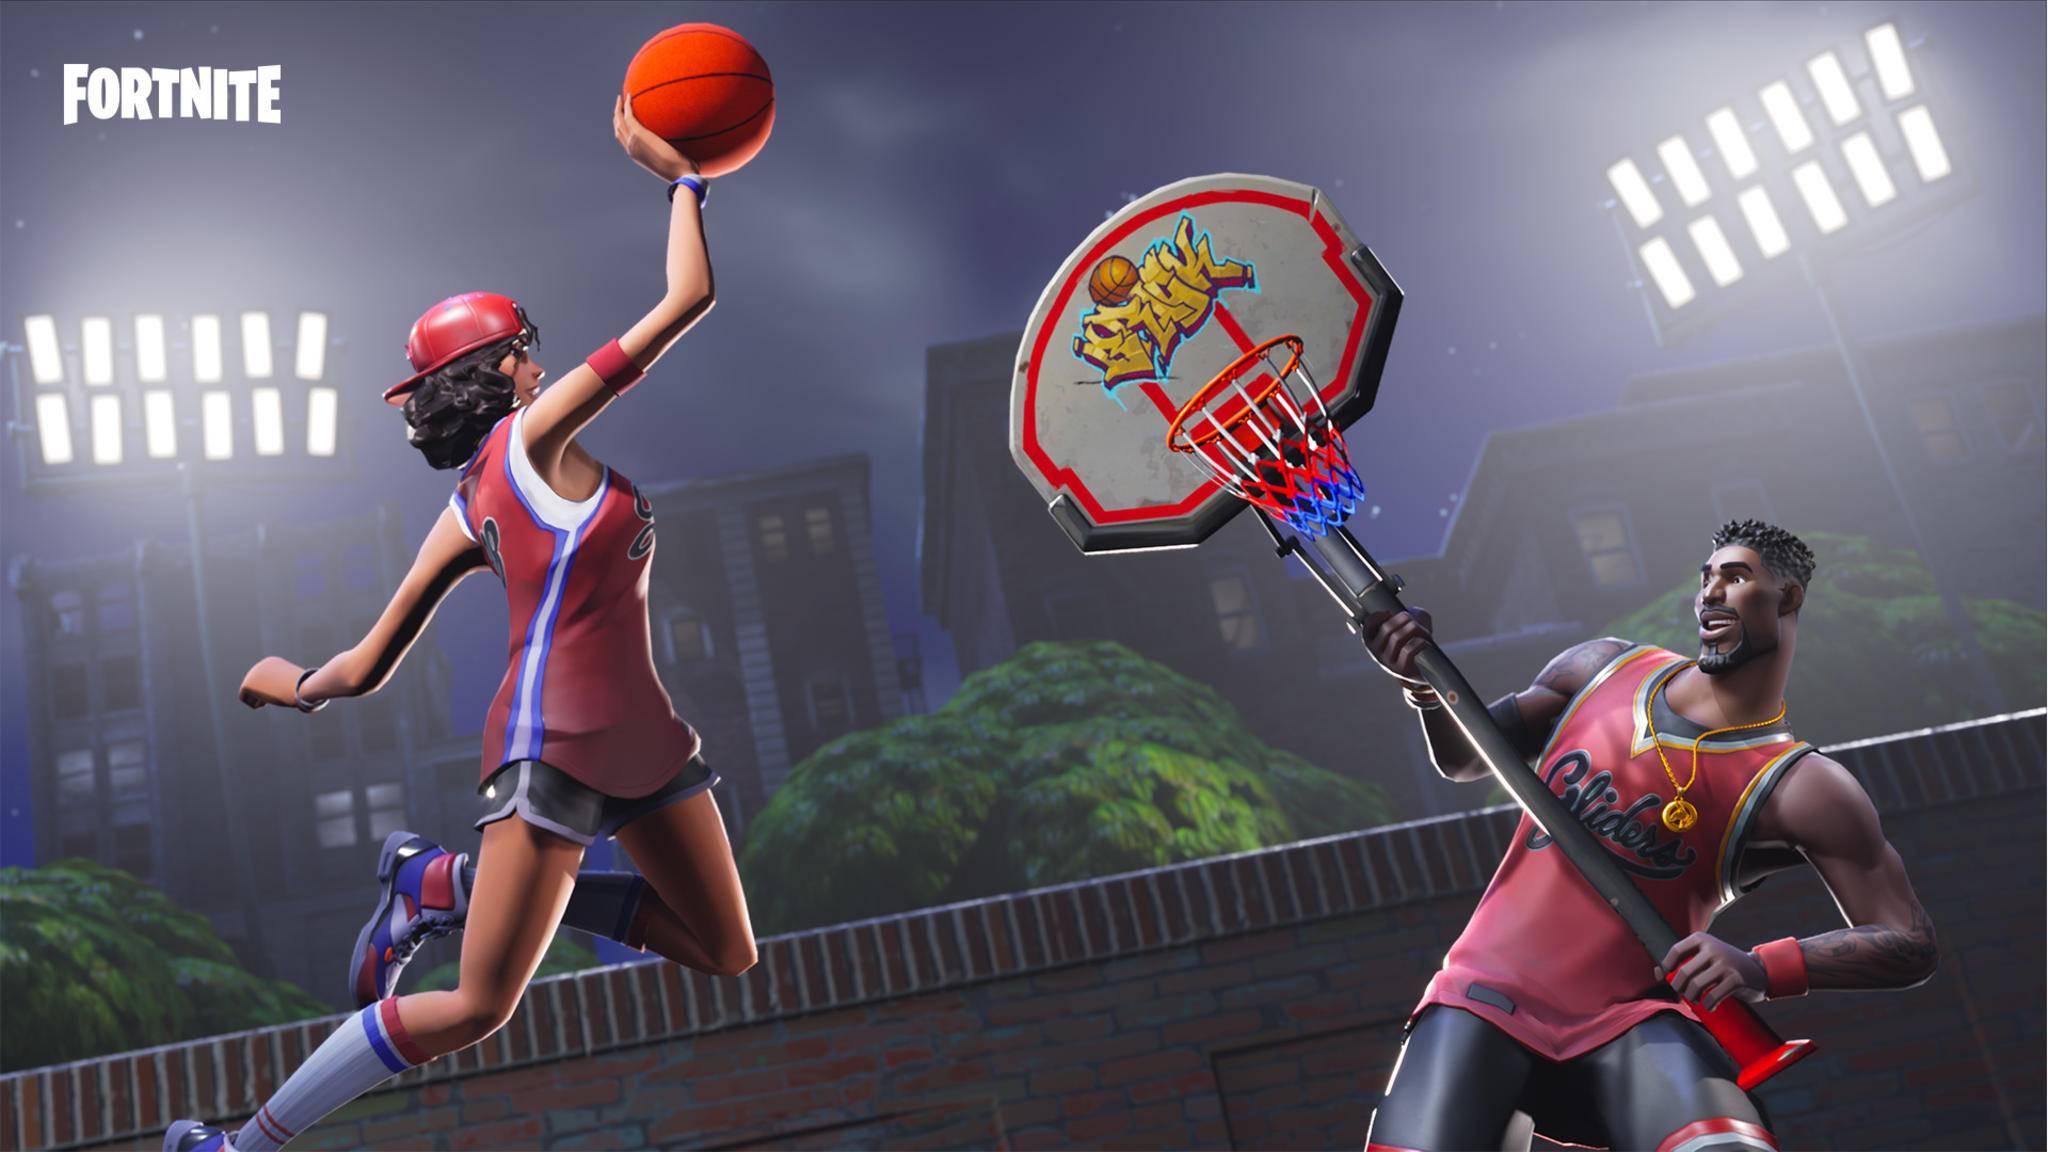 """Basketball kannst Du auf der """"Fortnite""""-Spielwiese nicht spielen, aber Spaß verspricht der neue Modus trotzdem."""